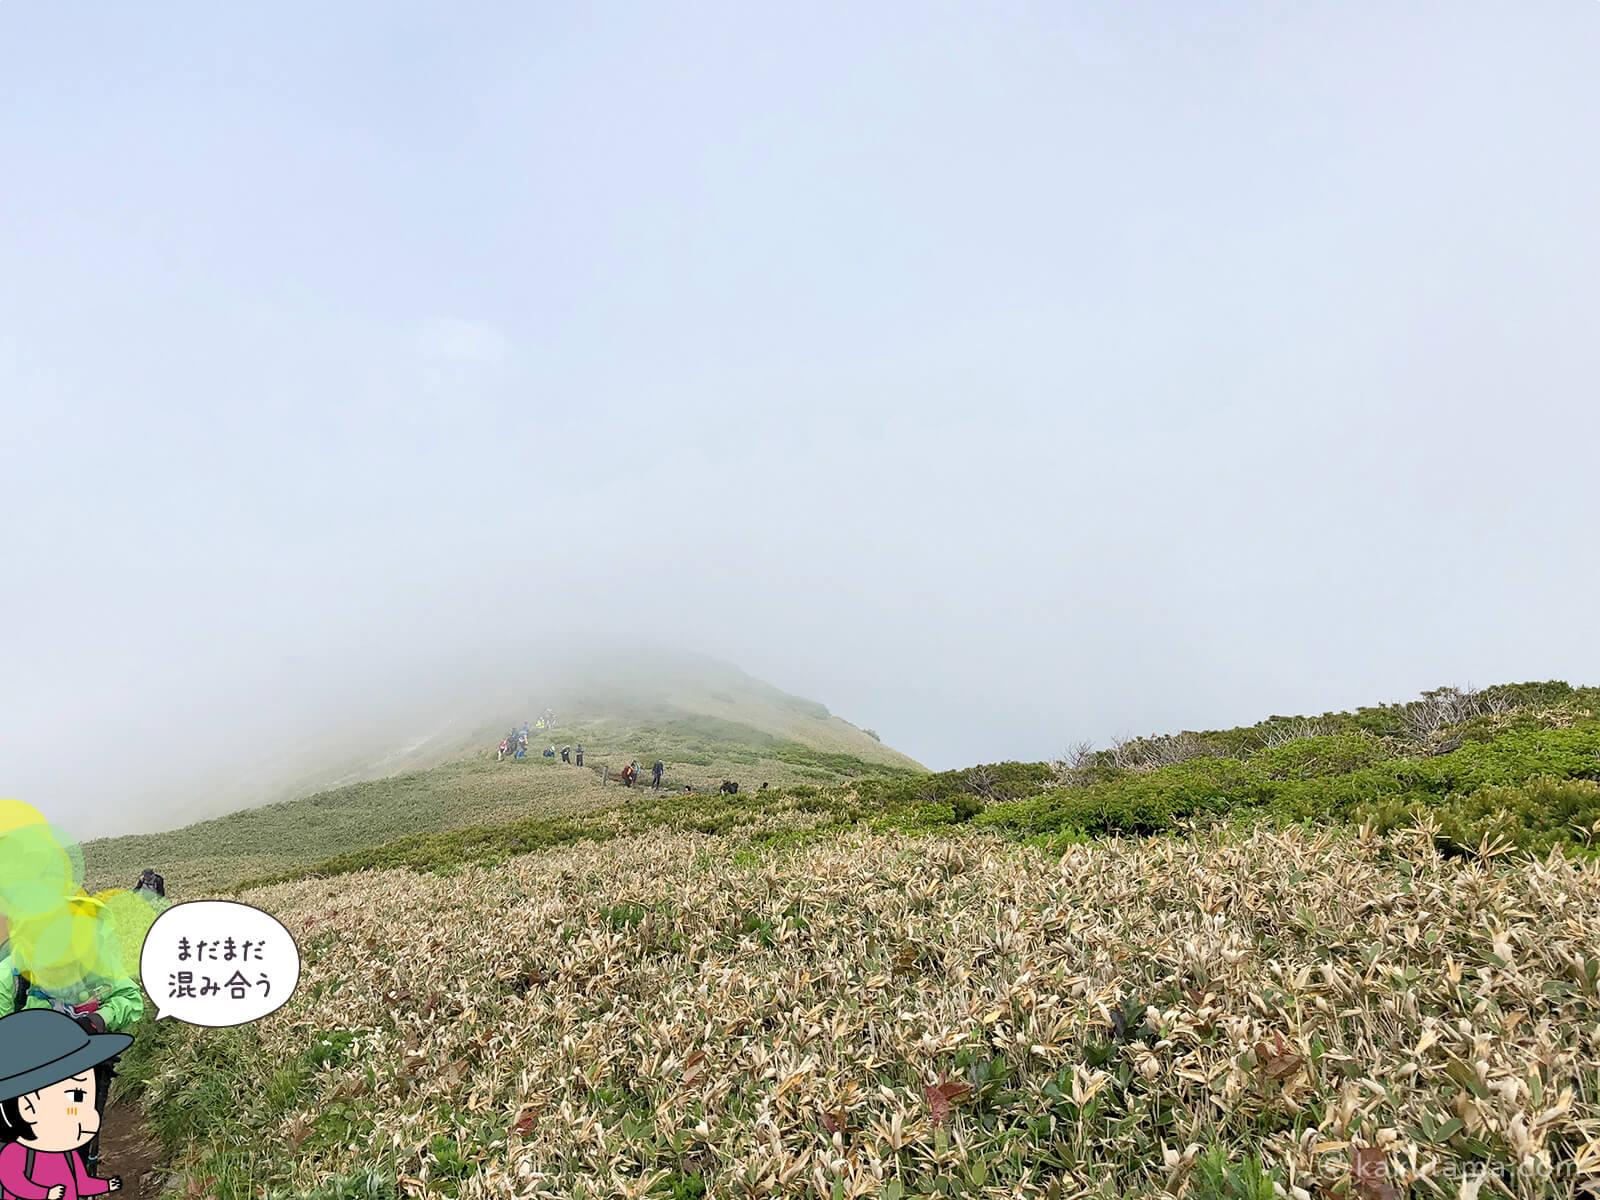 松手山から平標山山頂まで16